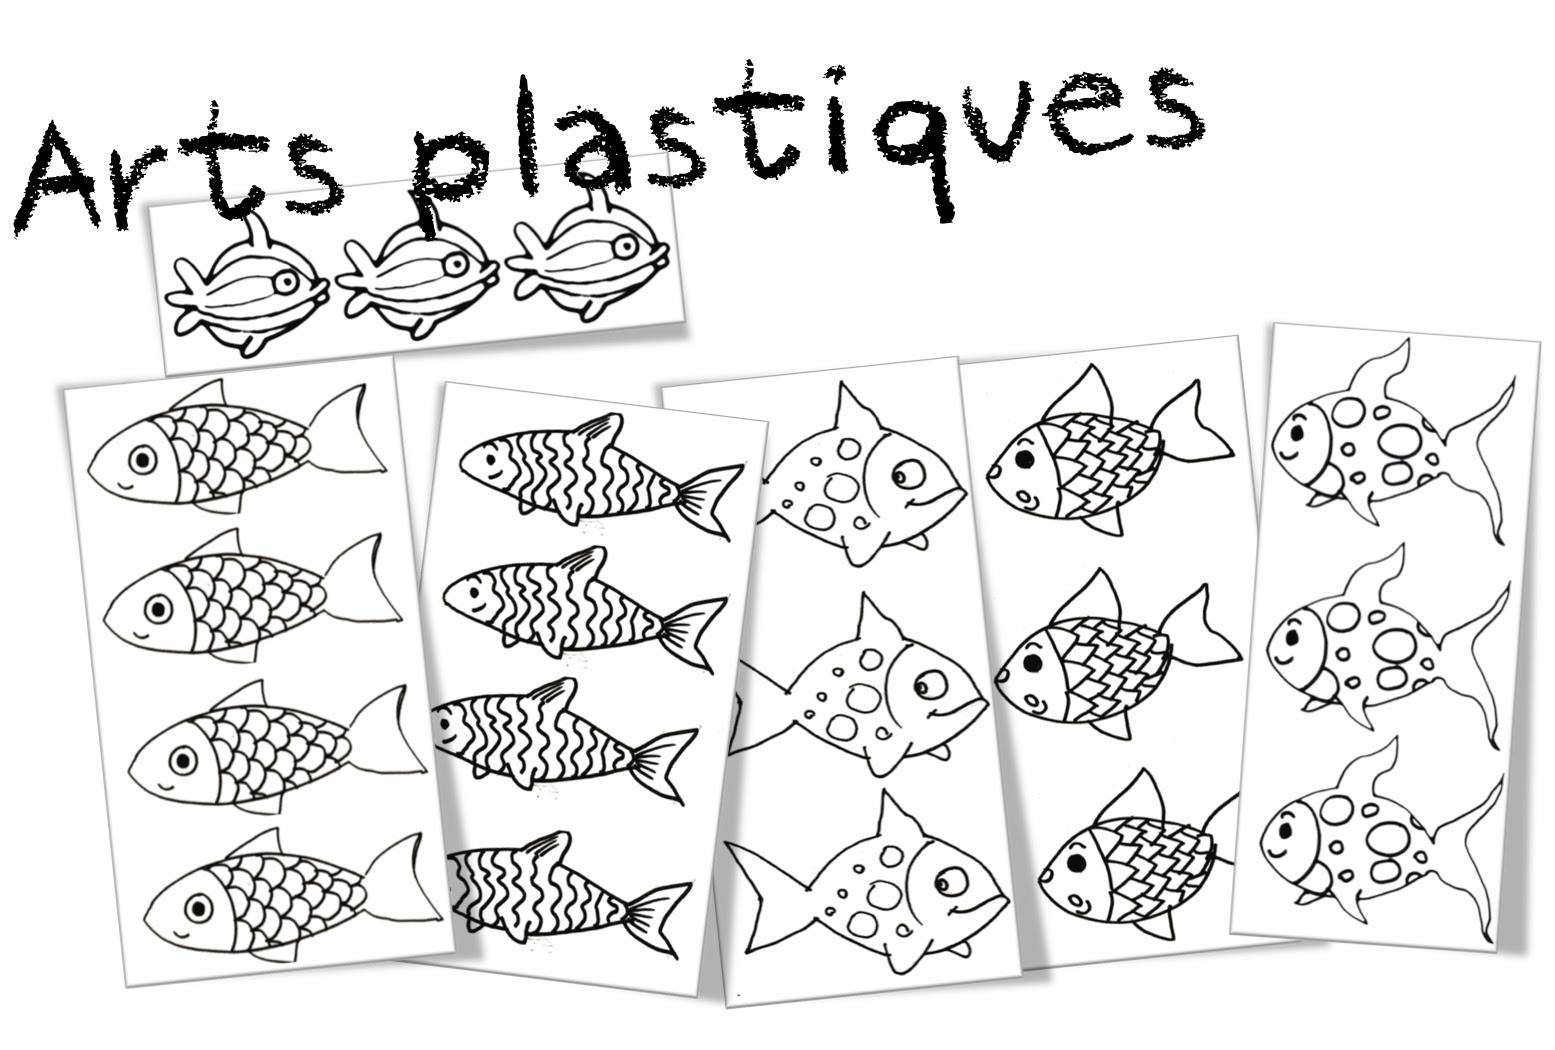 Le 1er Avril coloriages production d écrits poésie art plastiques …